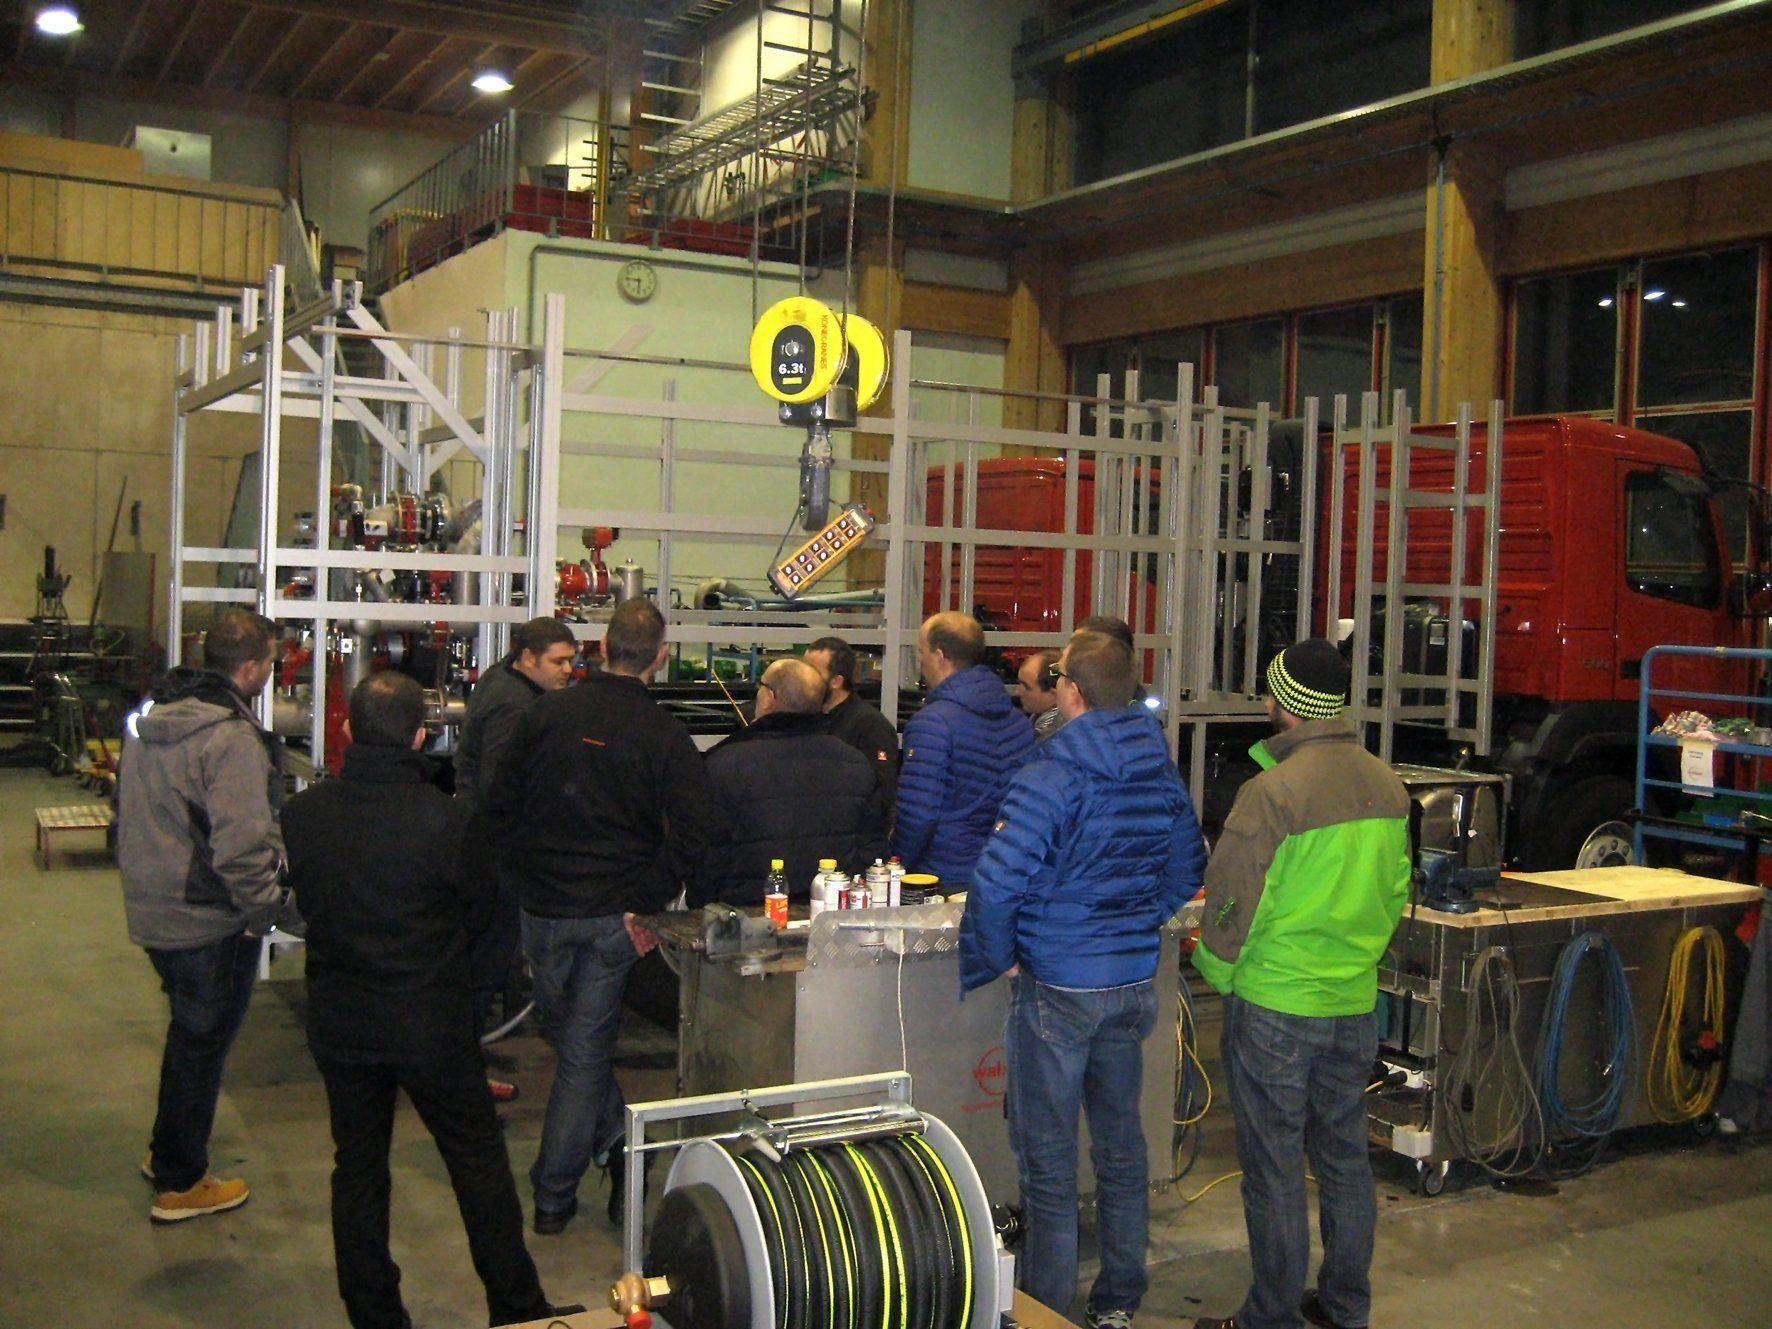 Exkursion in die Werkshalle, um den Baufortschritt des Großtanklöschfahrzeugs zu besichtigen.